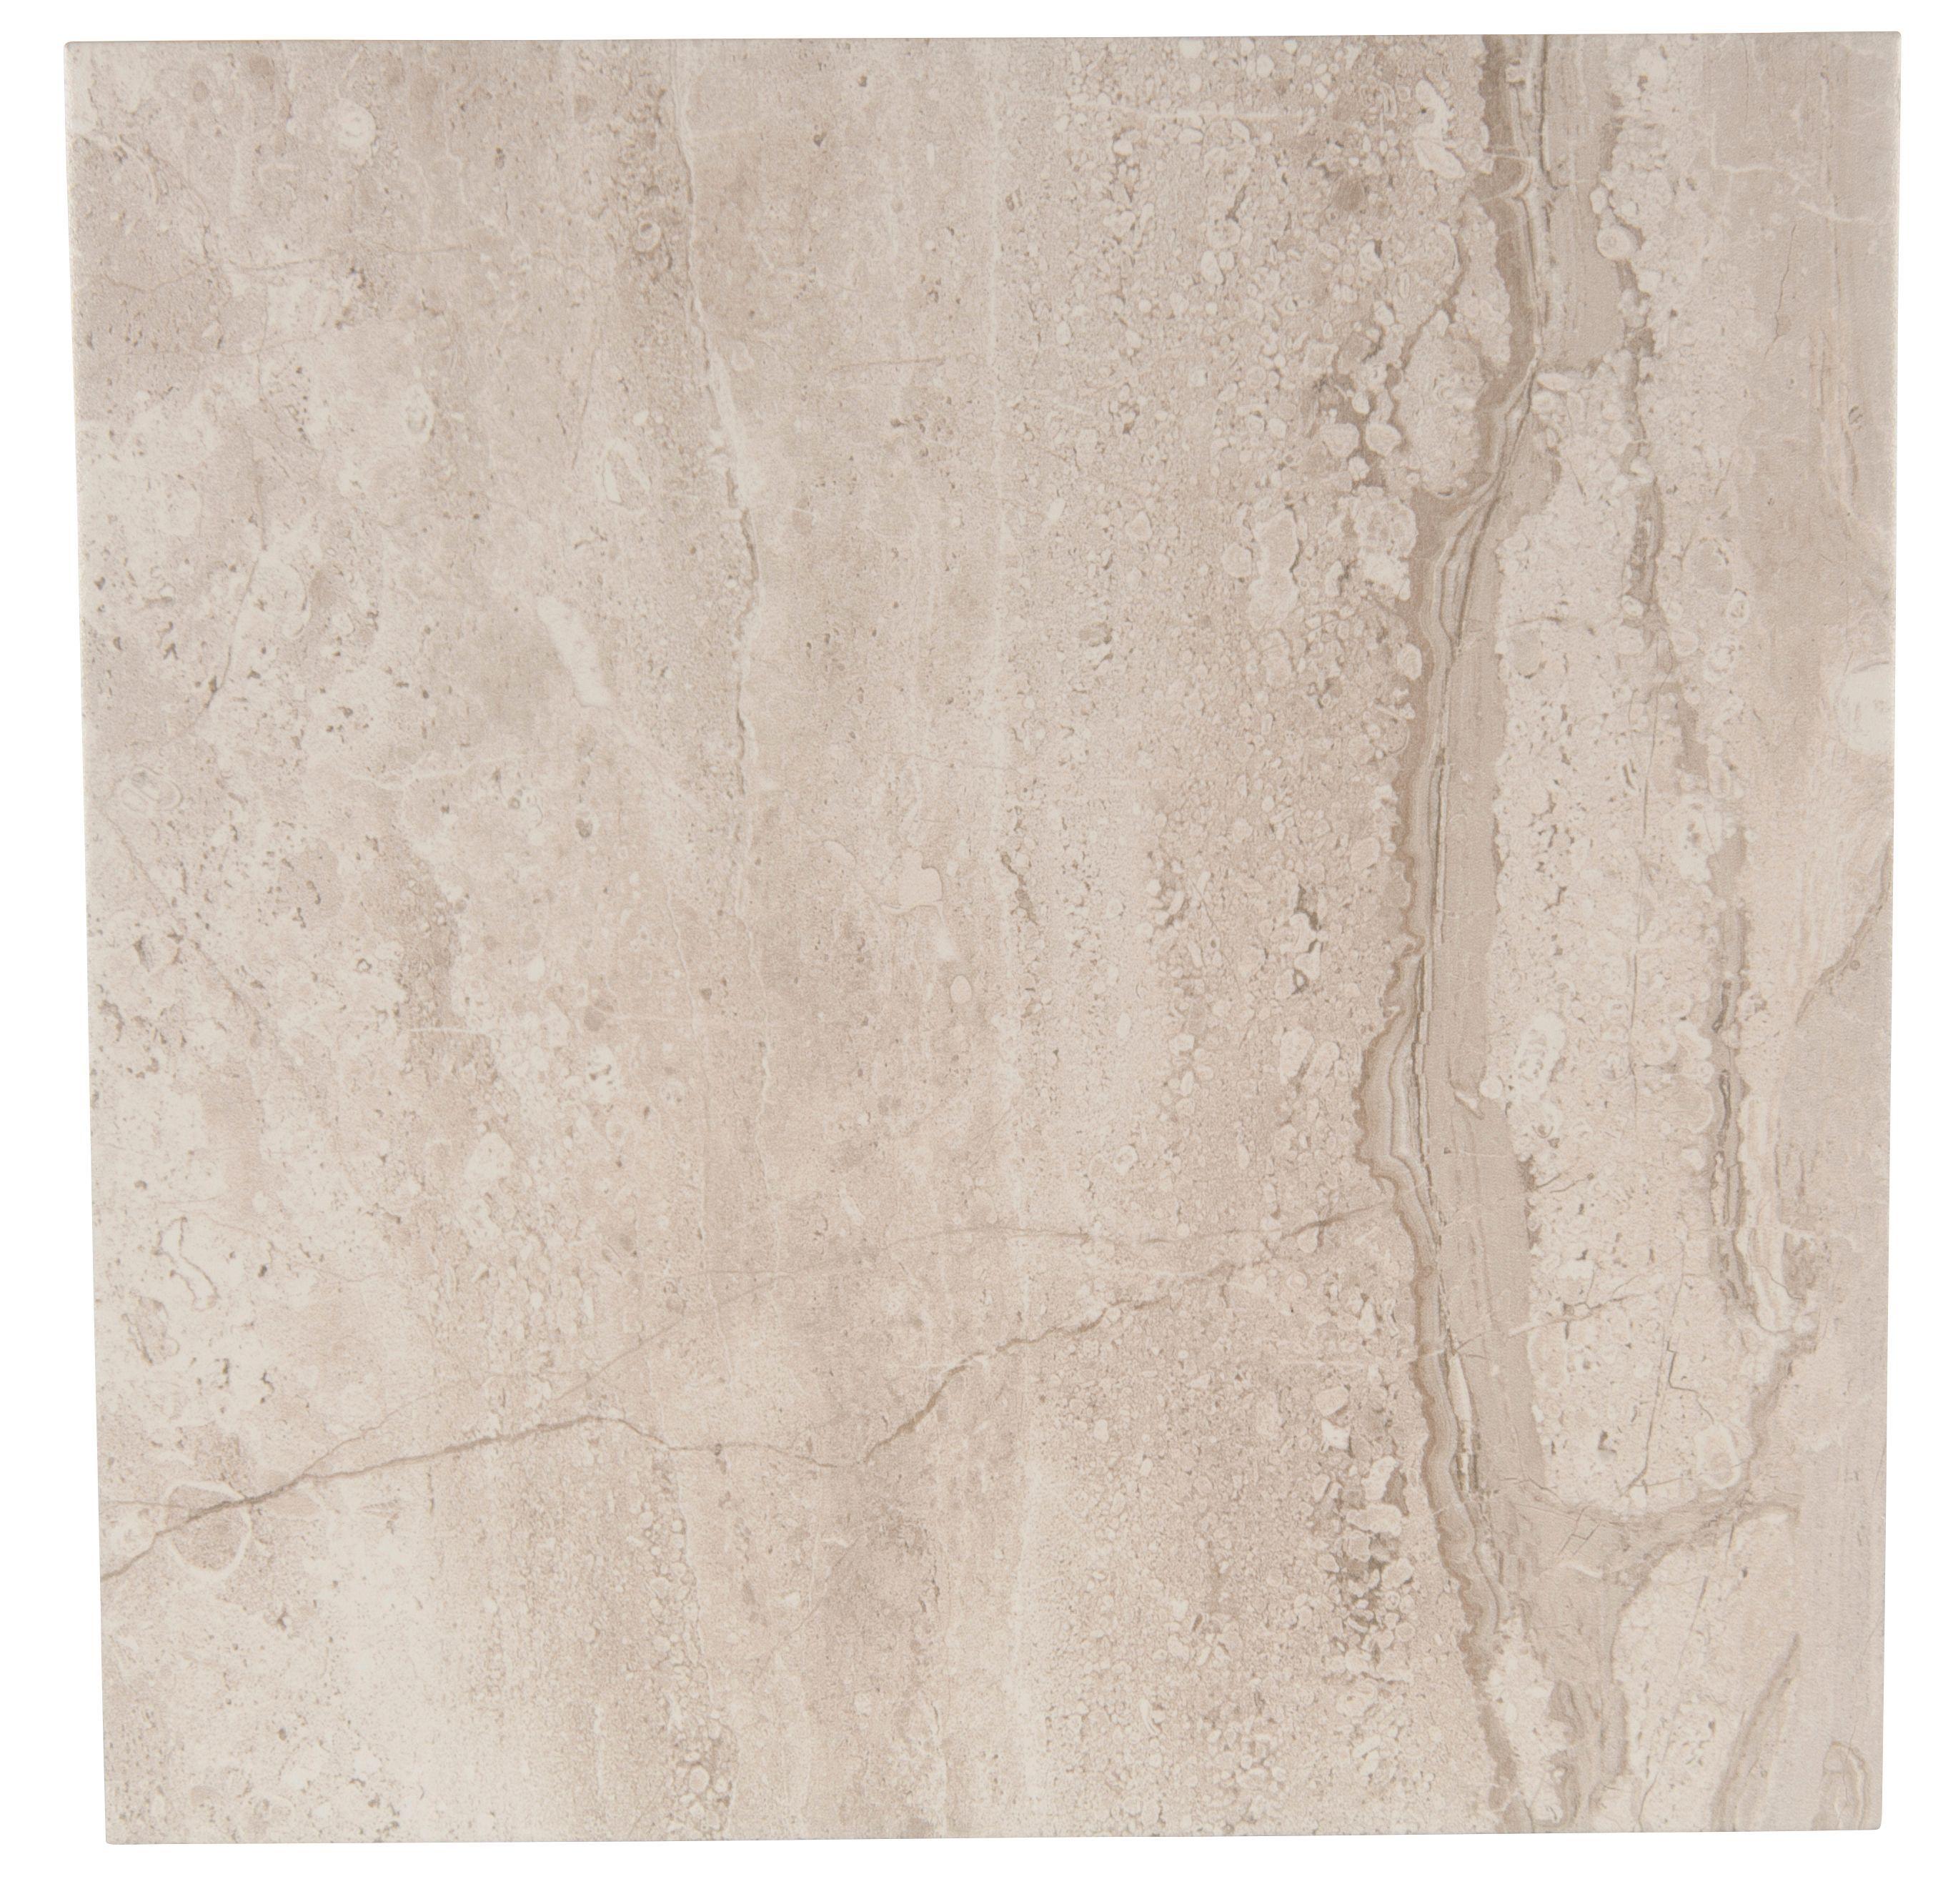 Bali Grey Porcelain Floor Tile, Pack of 9, (L)333mm (W)333mm